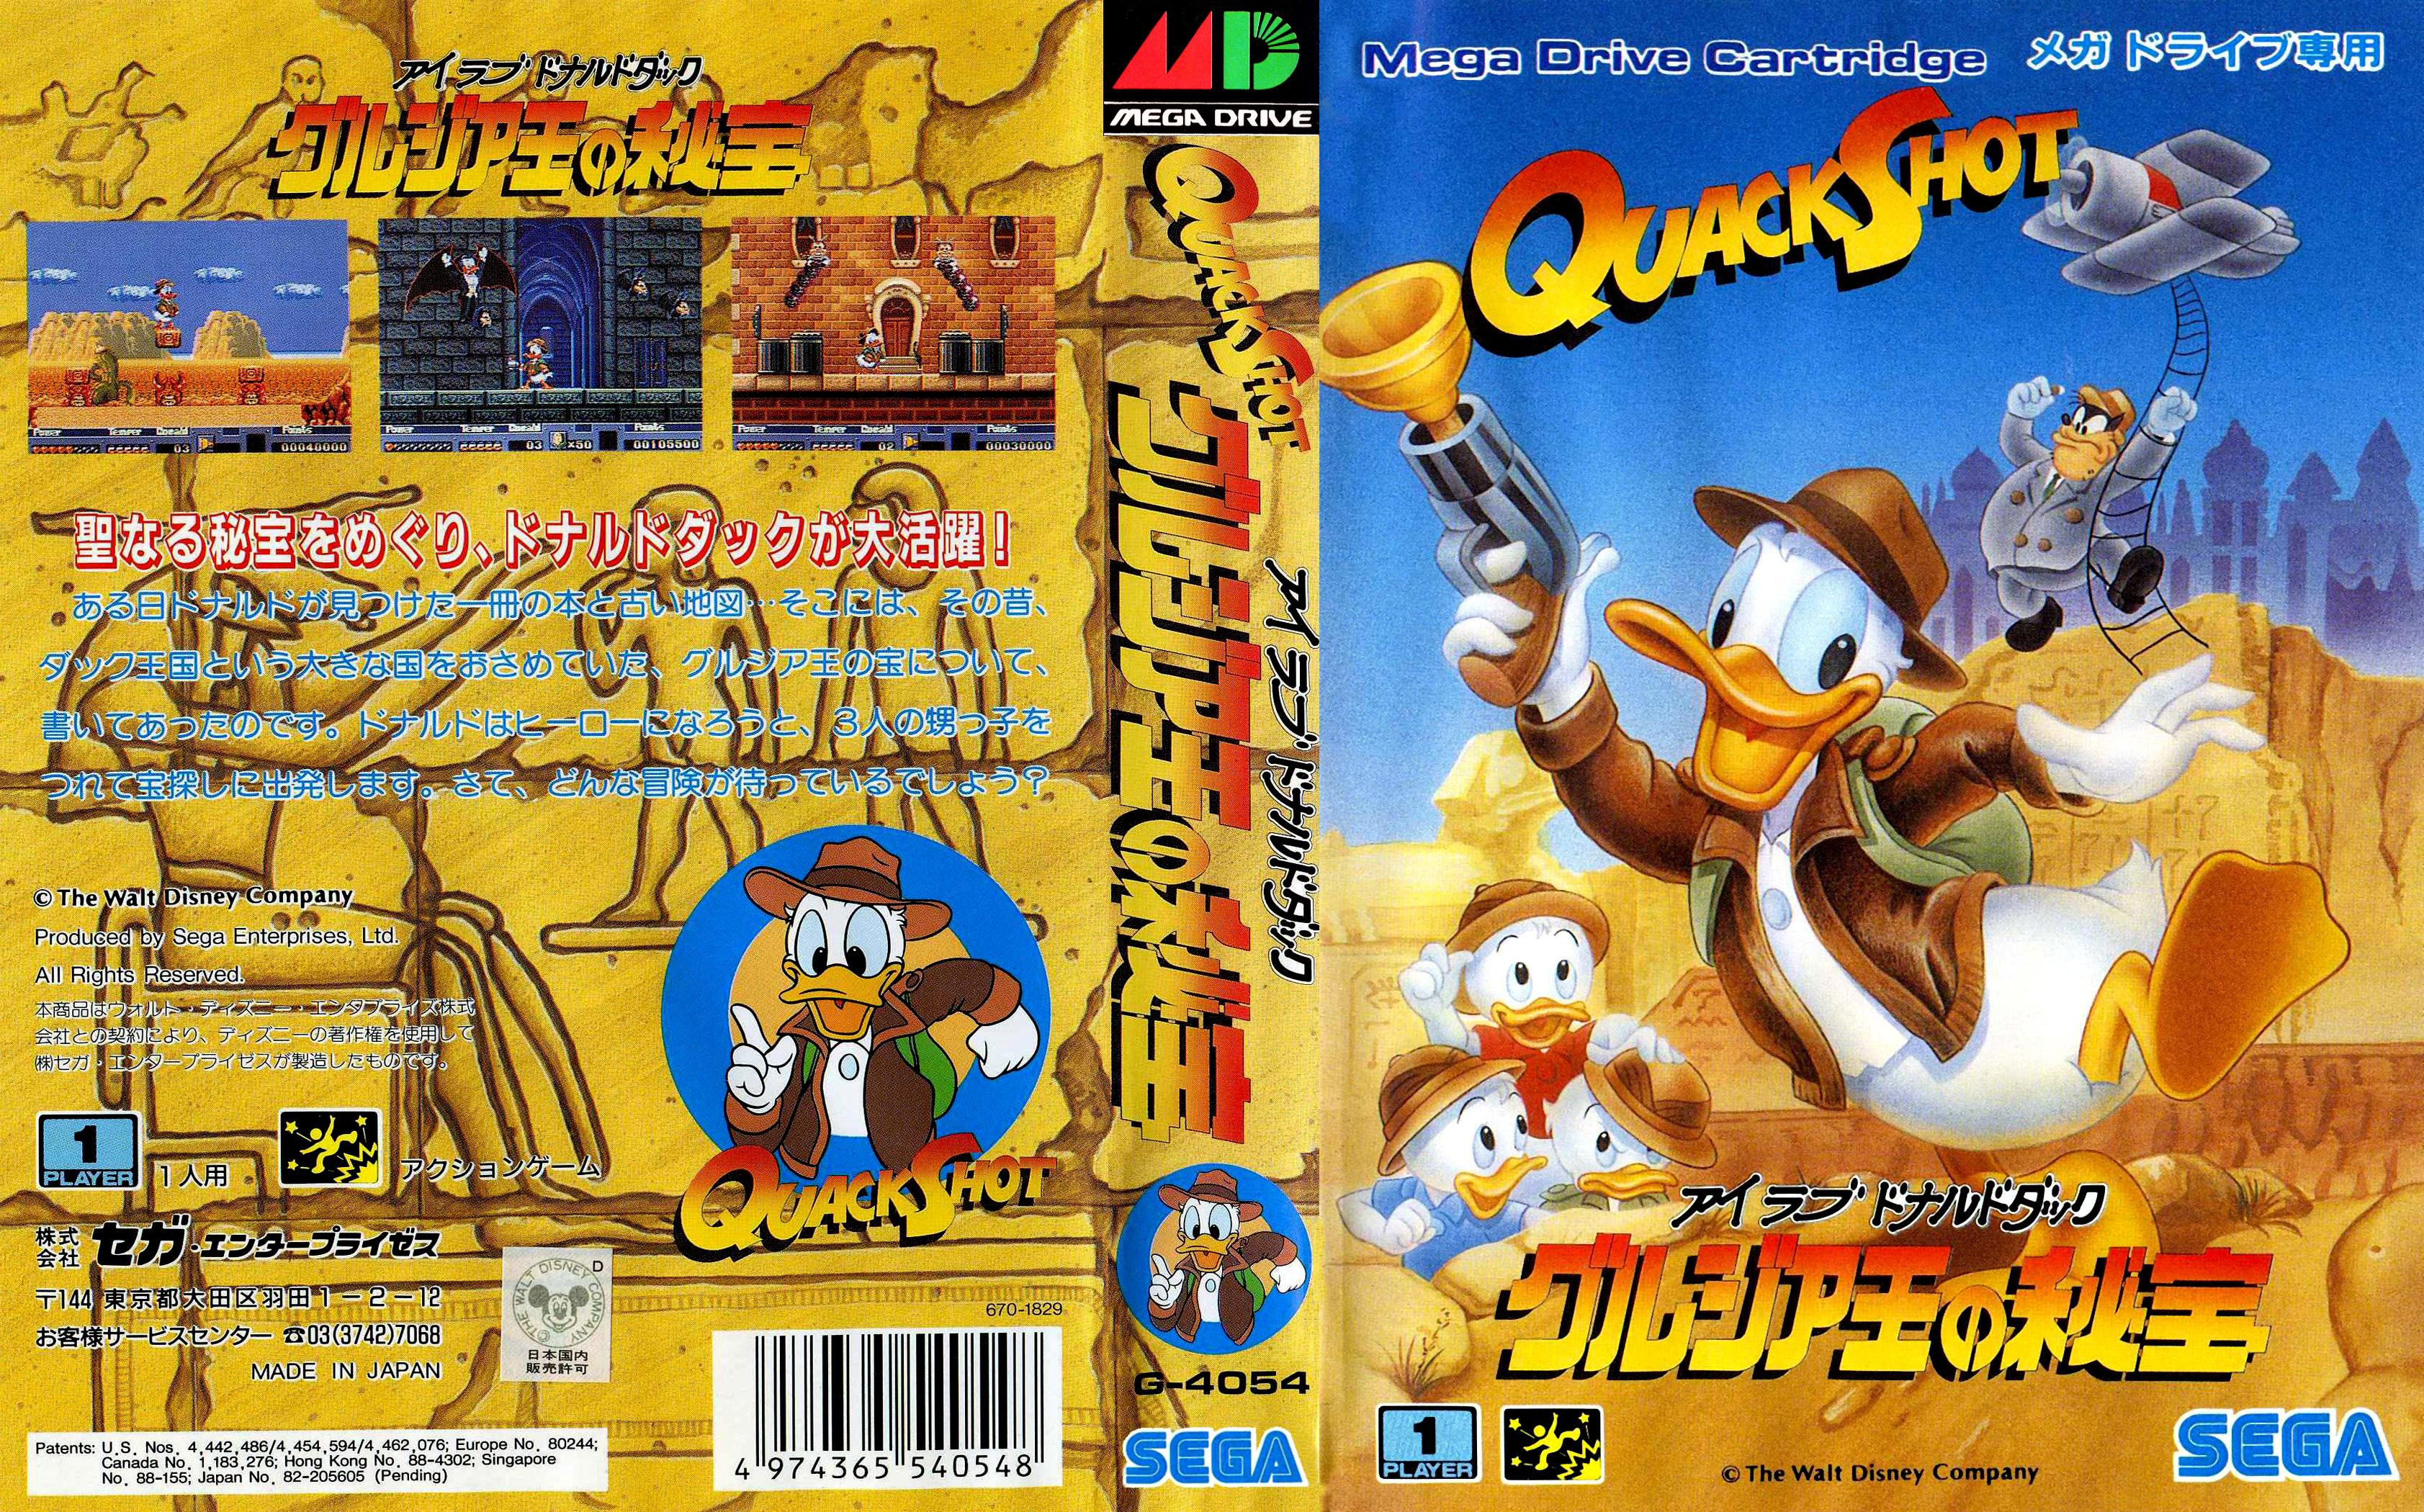 [Análise Retro Game] - QuackShot estrelando Pato Donald - Mega Drive Quackshot_jp